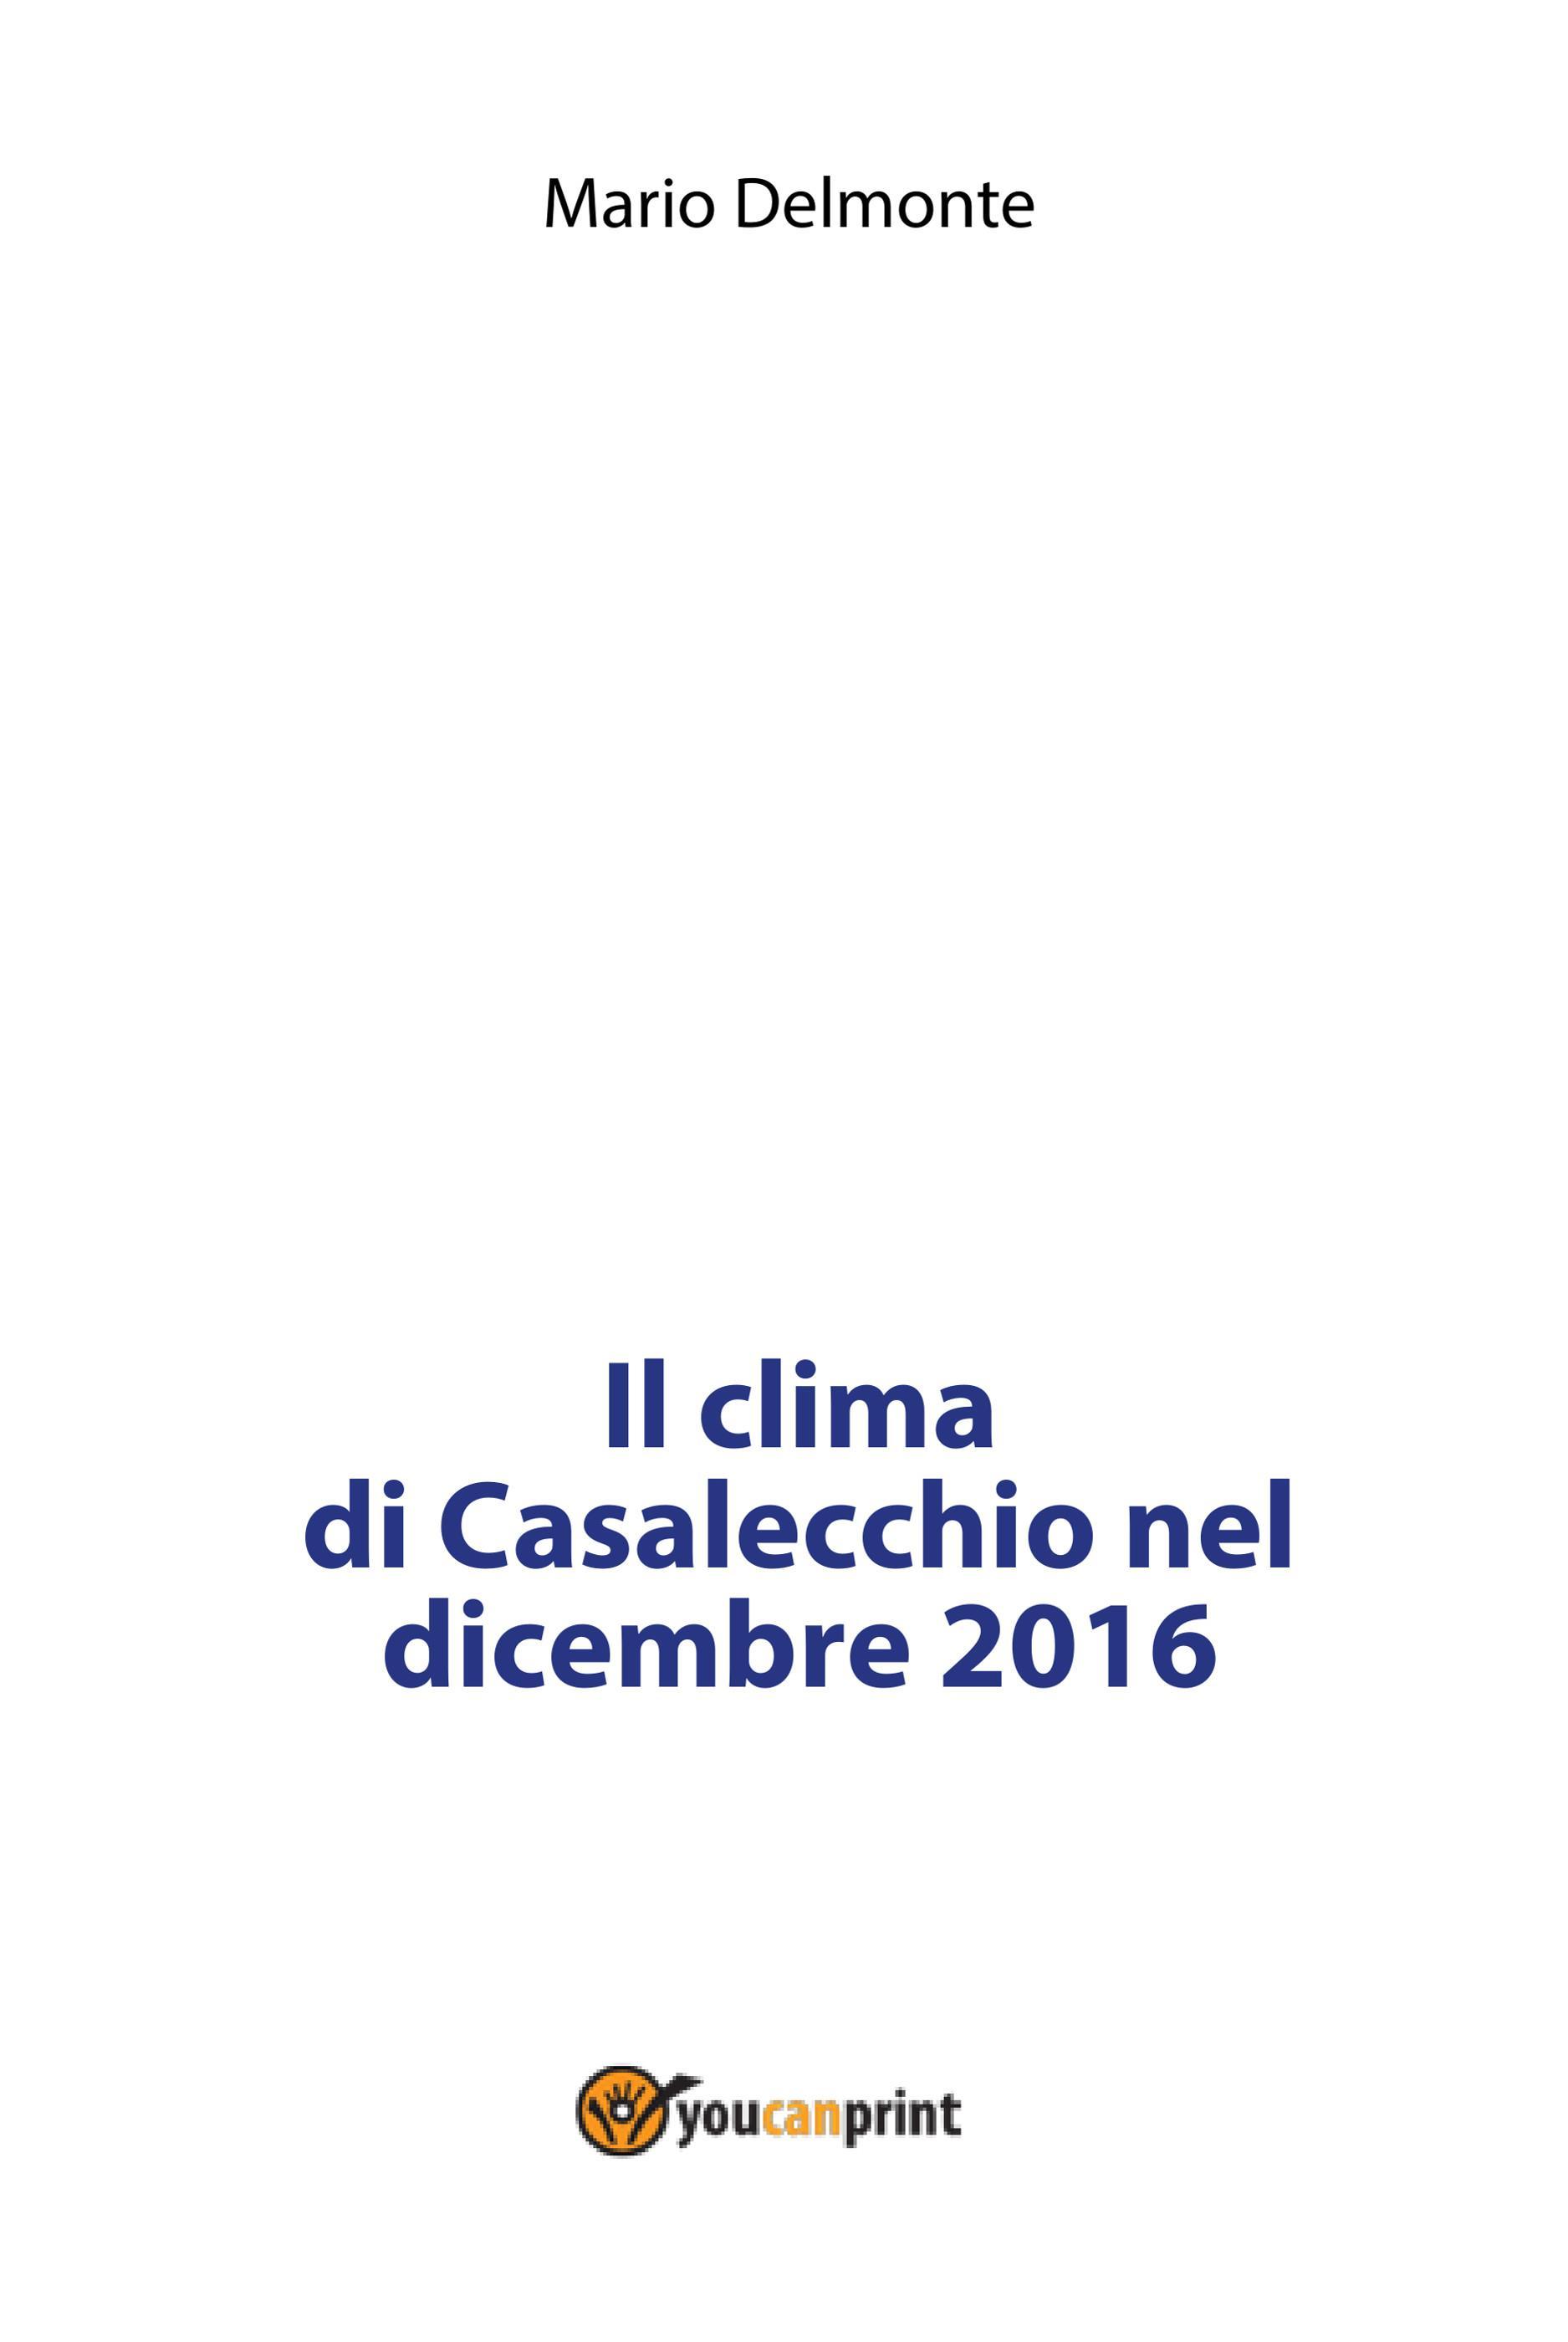 Il clima di Casalecchio nel dicembre 2016